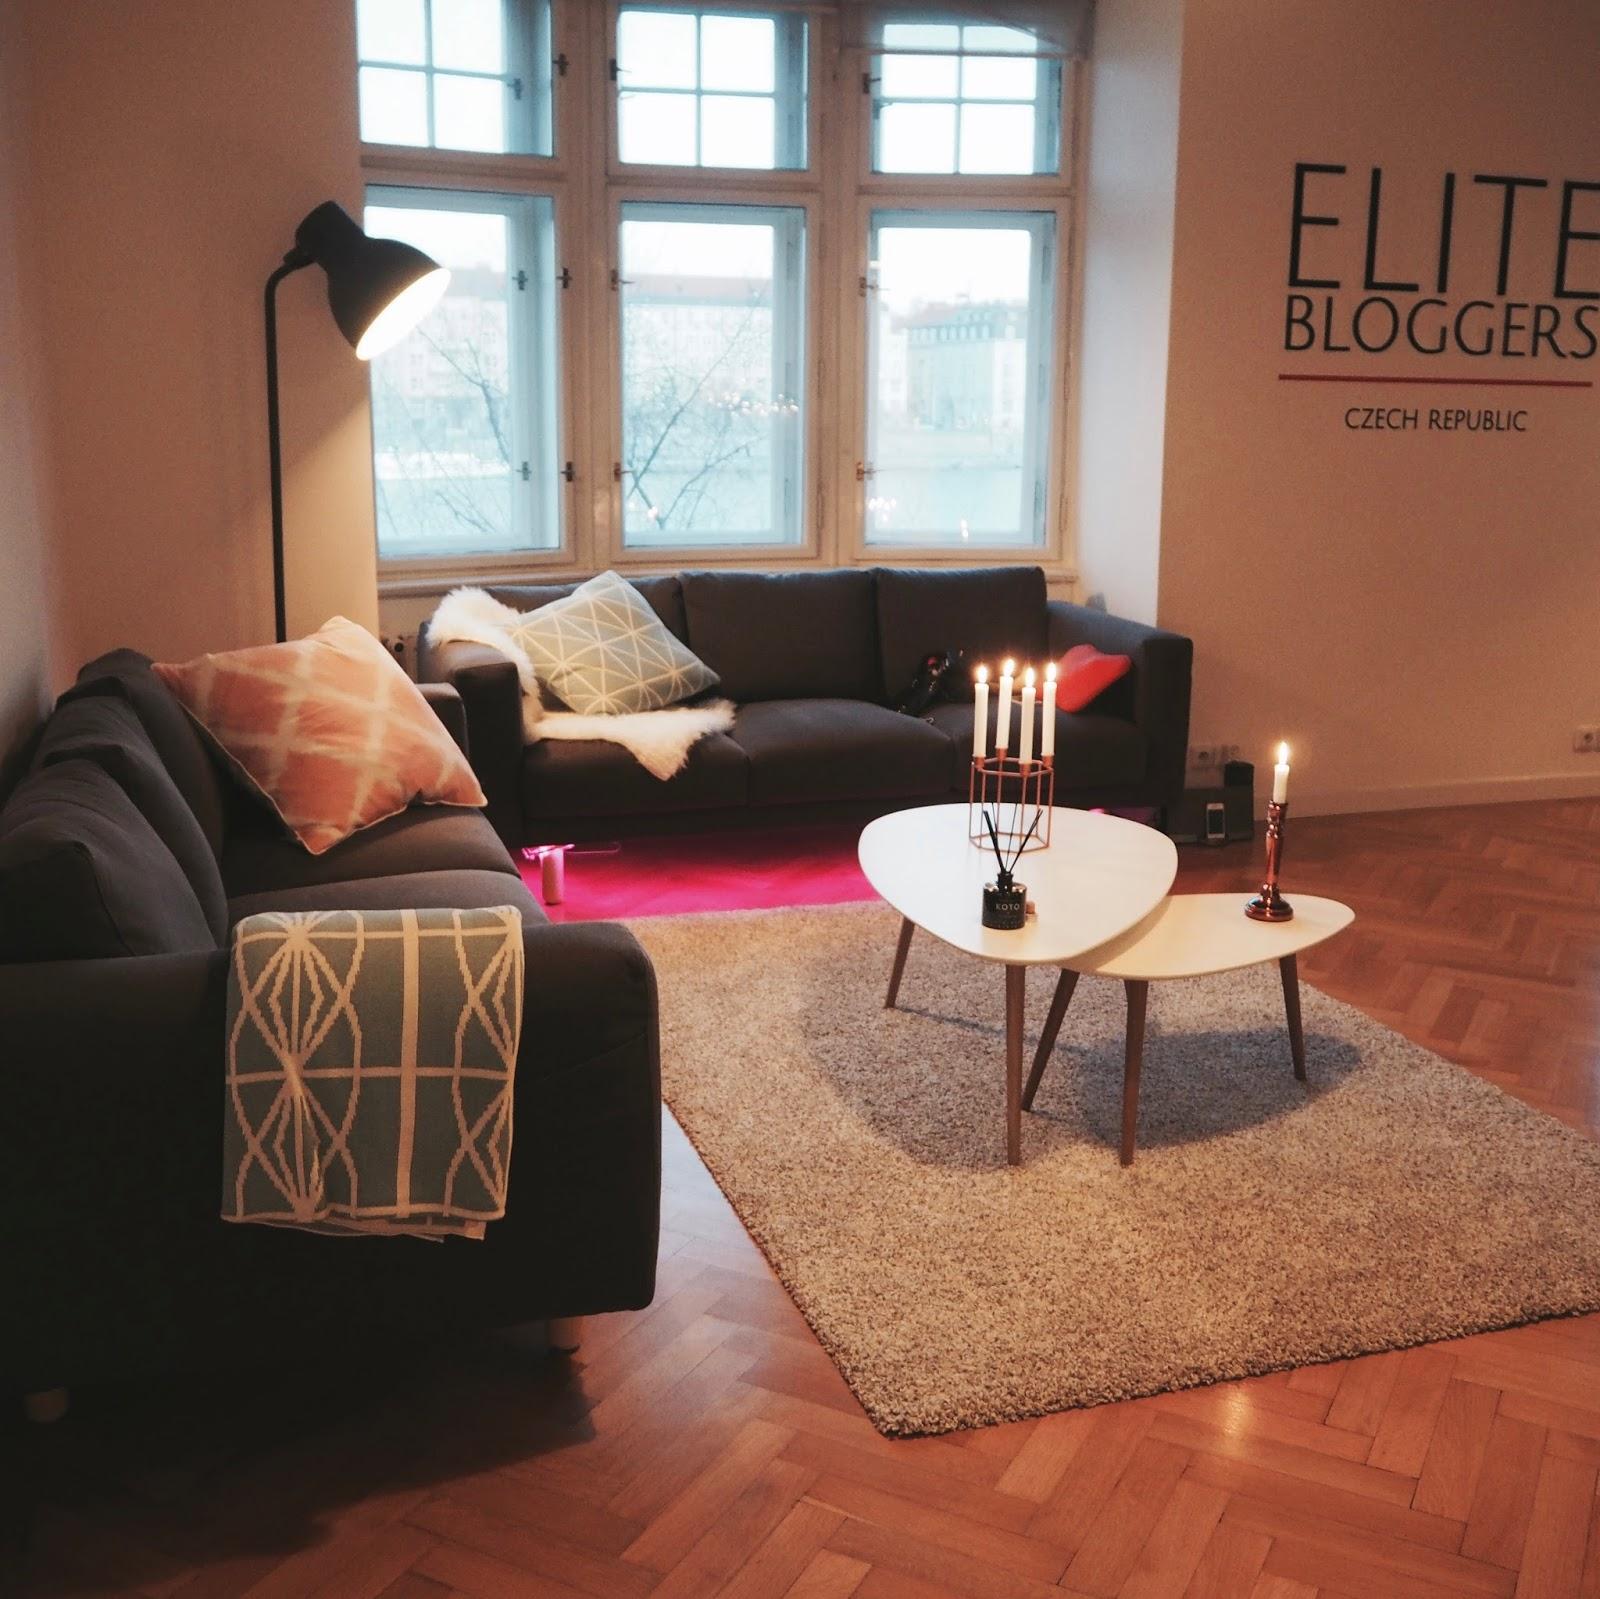 THE EB HUB 4